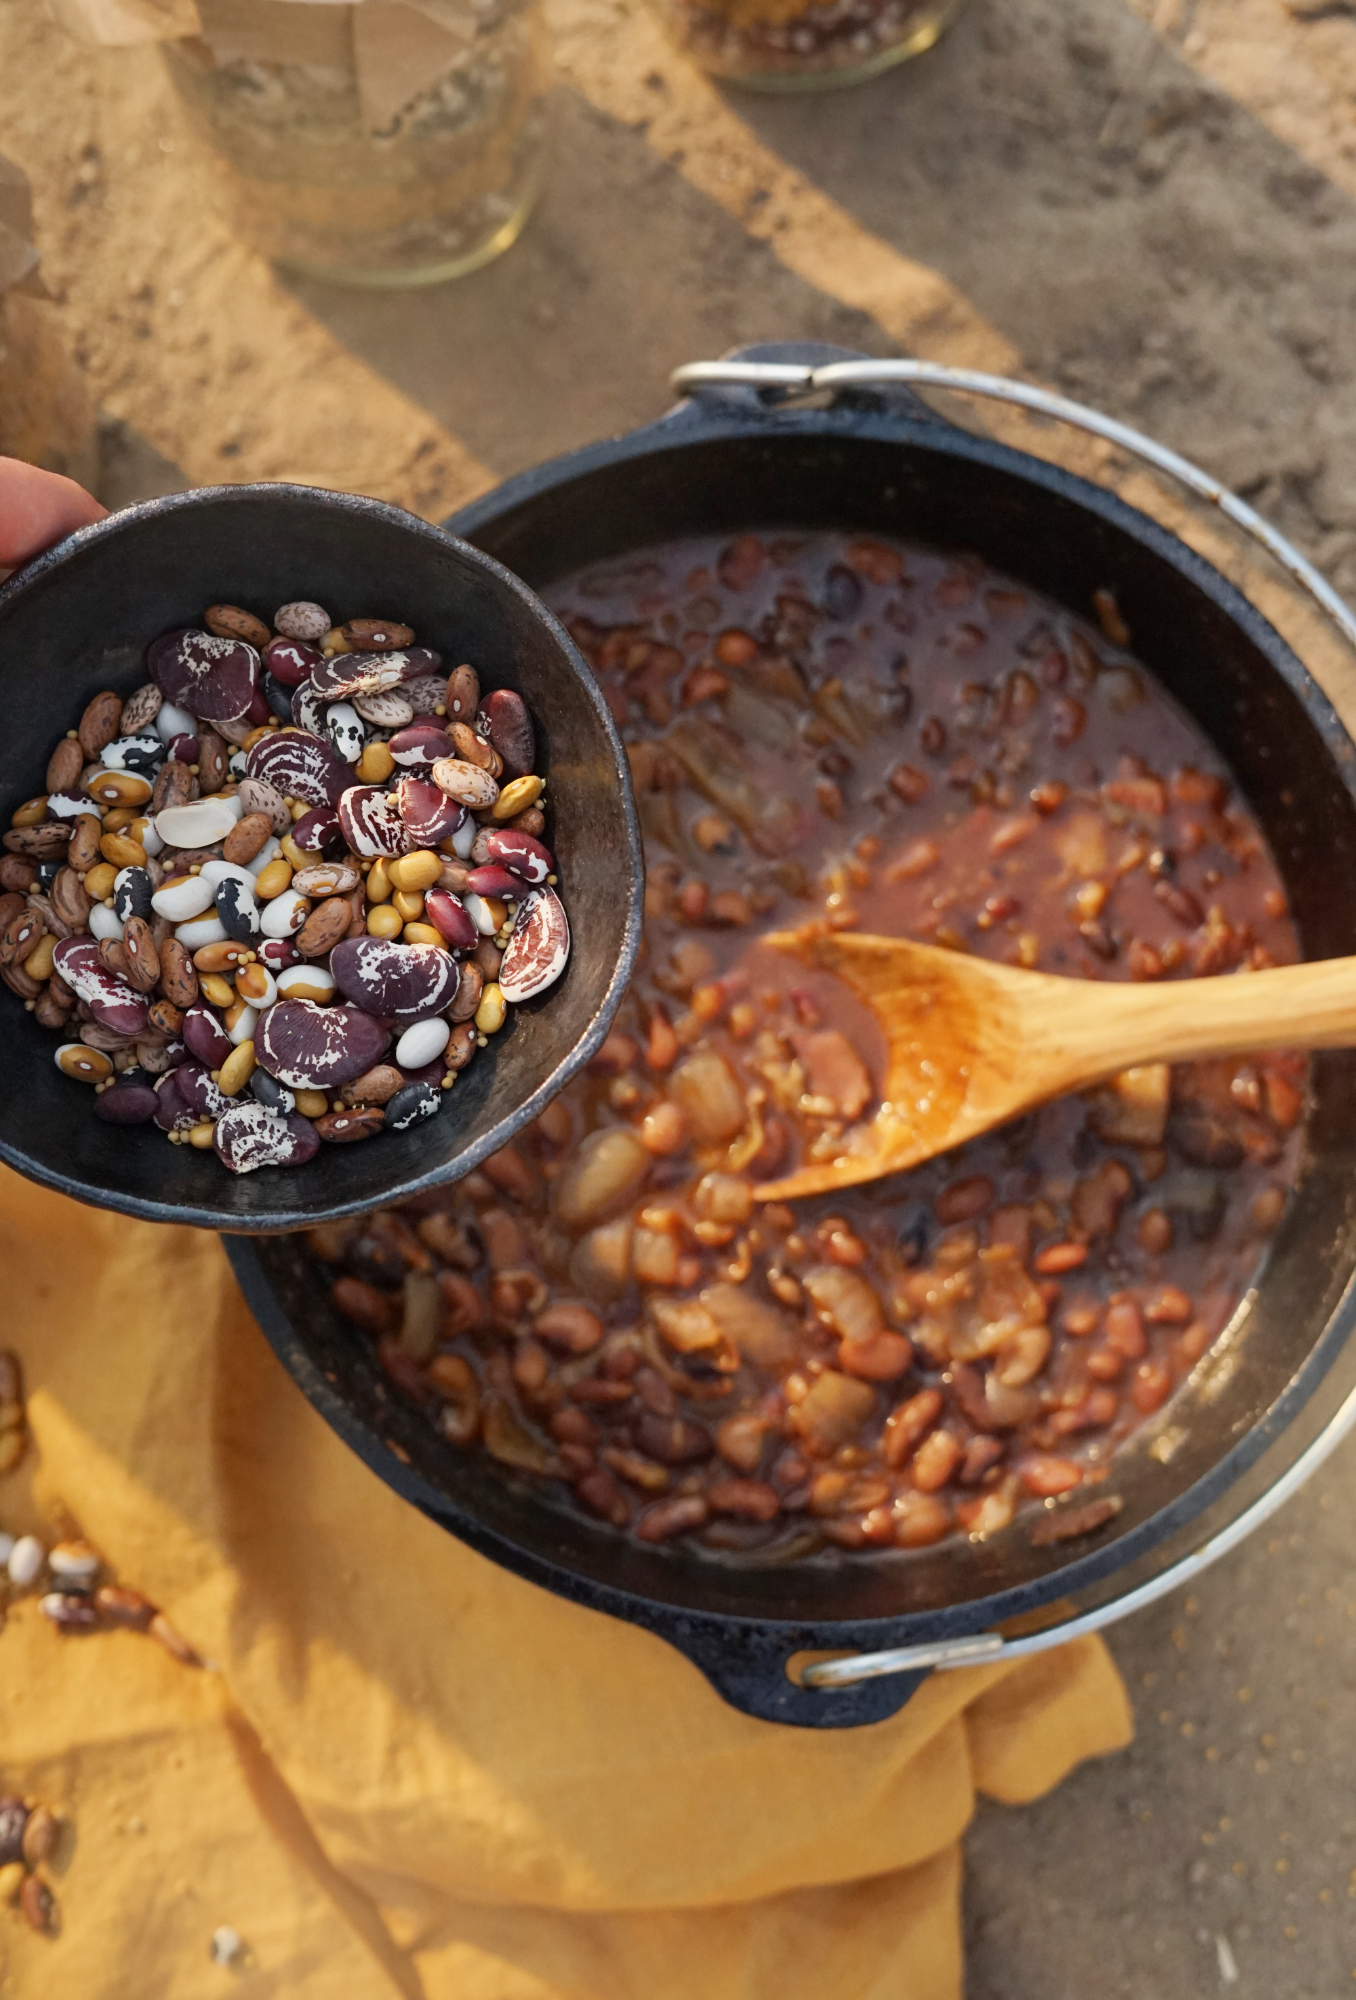 beanholebeans3small.jpg